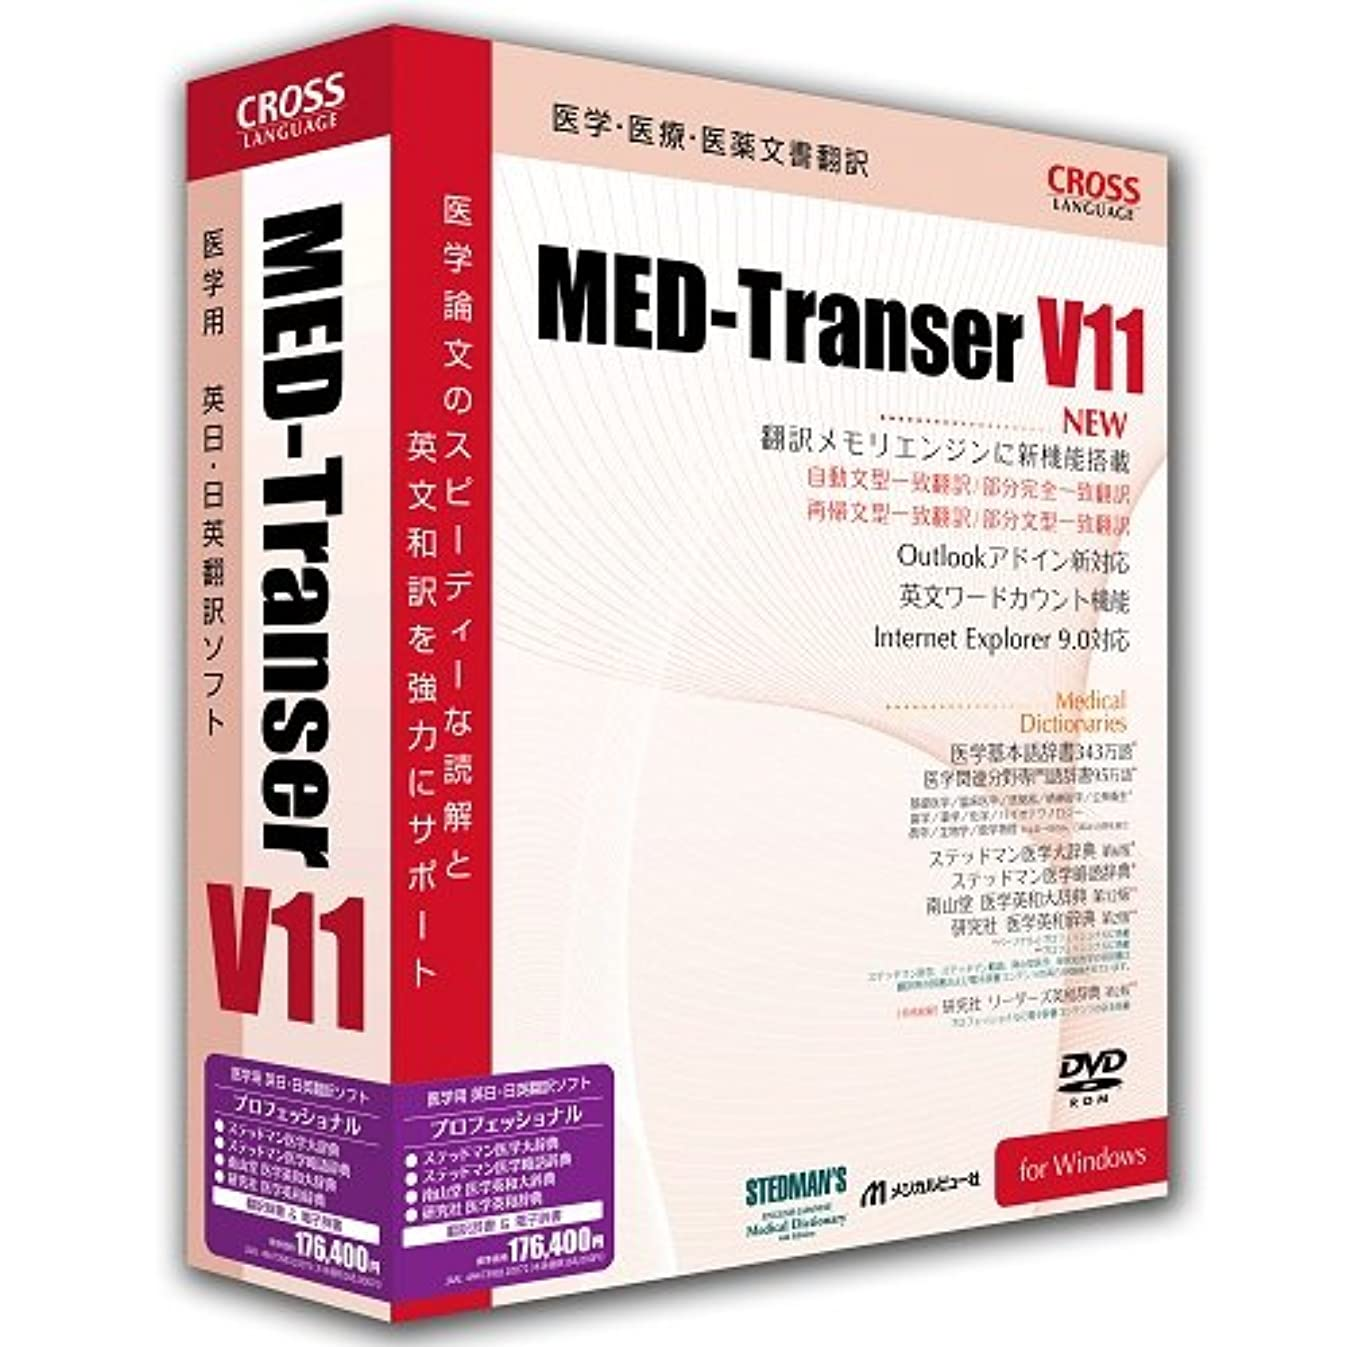 インフラ収束るMED-Transer V11 プロフェッショナル for Windows